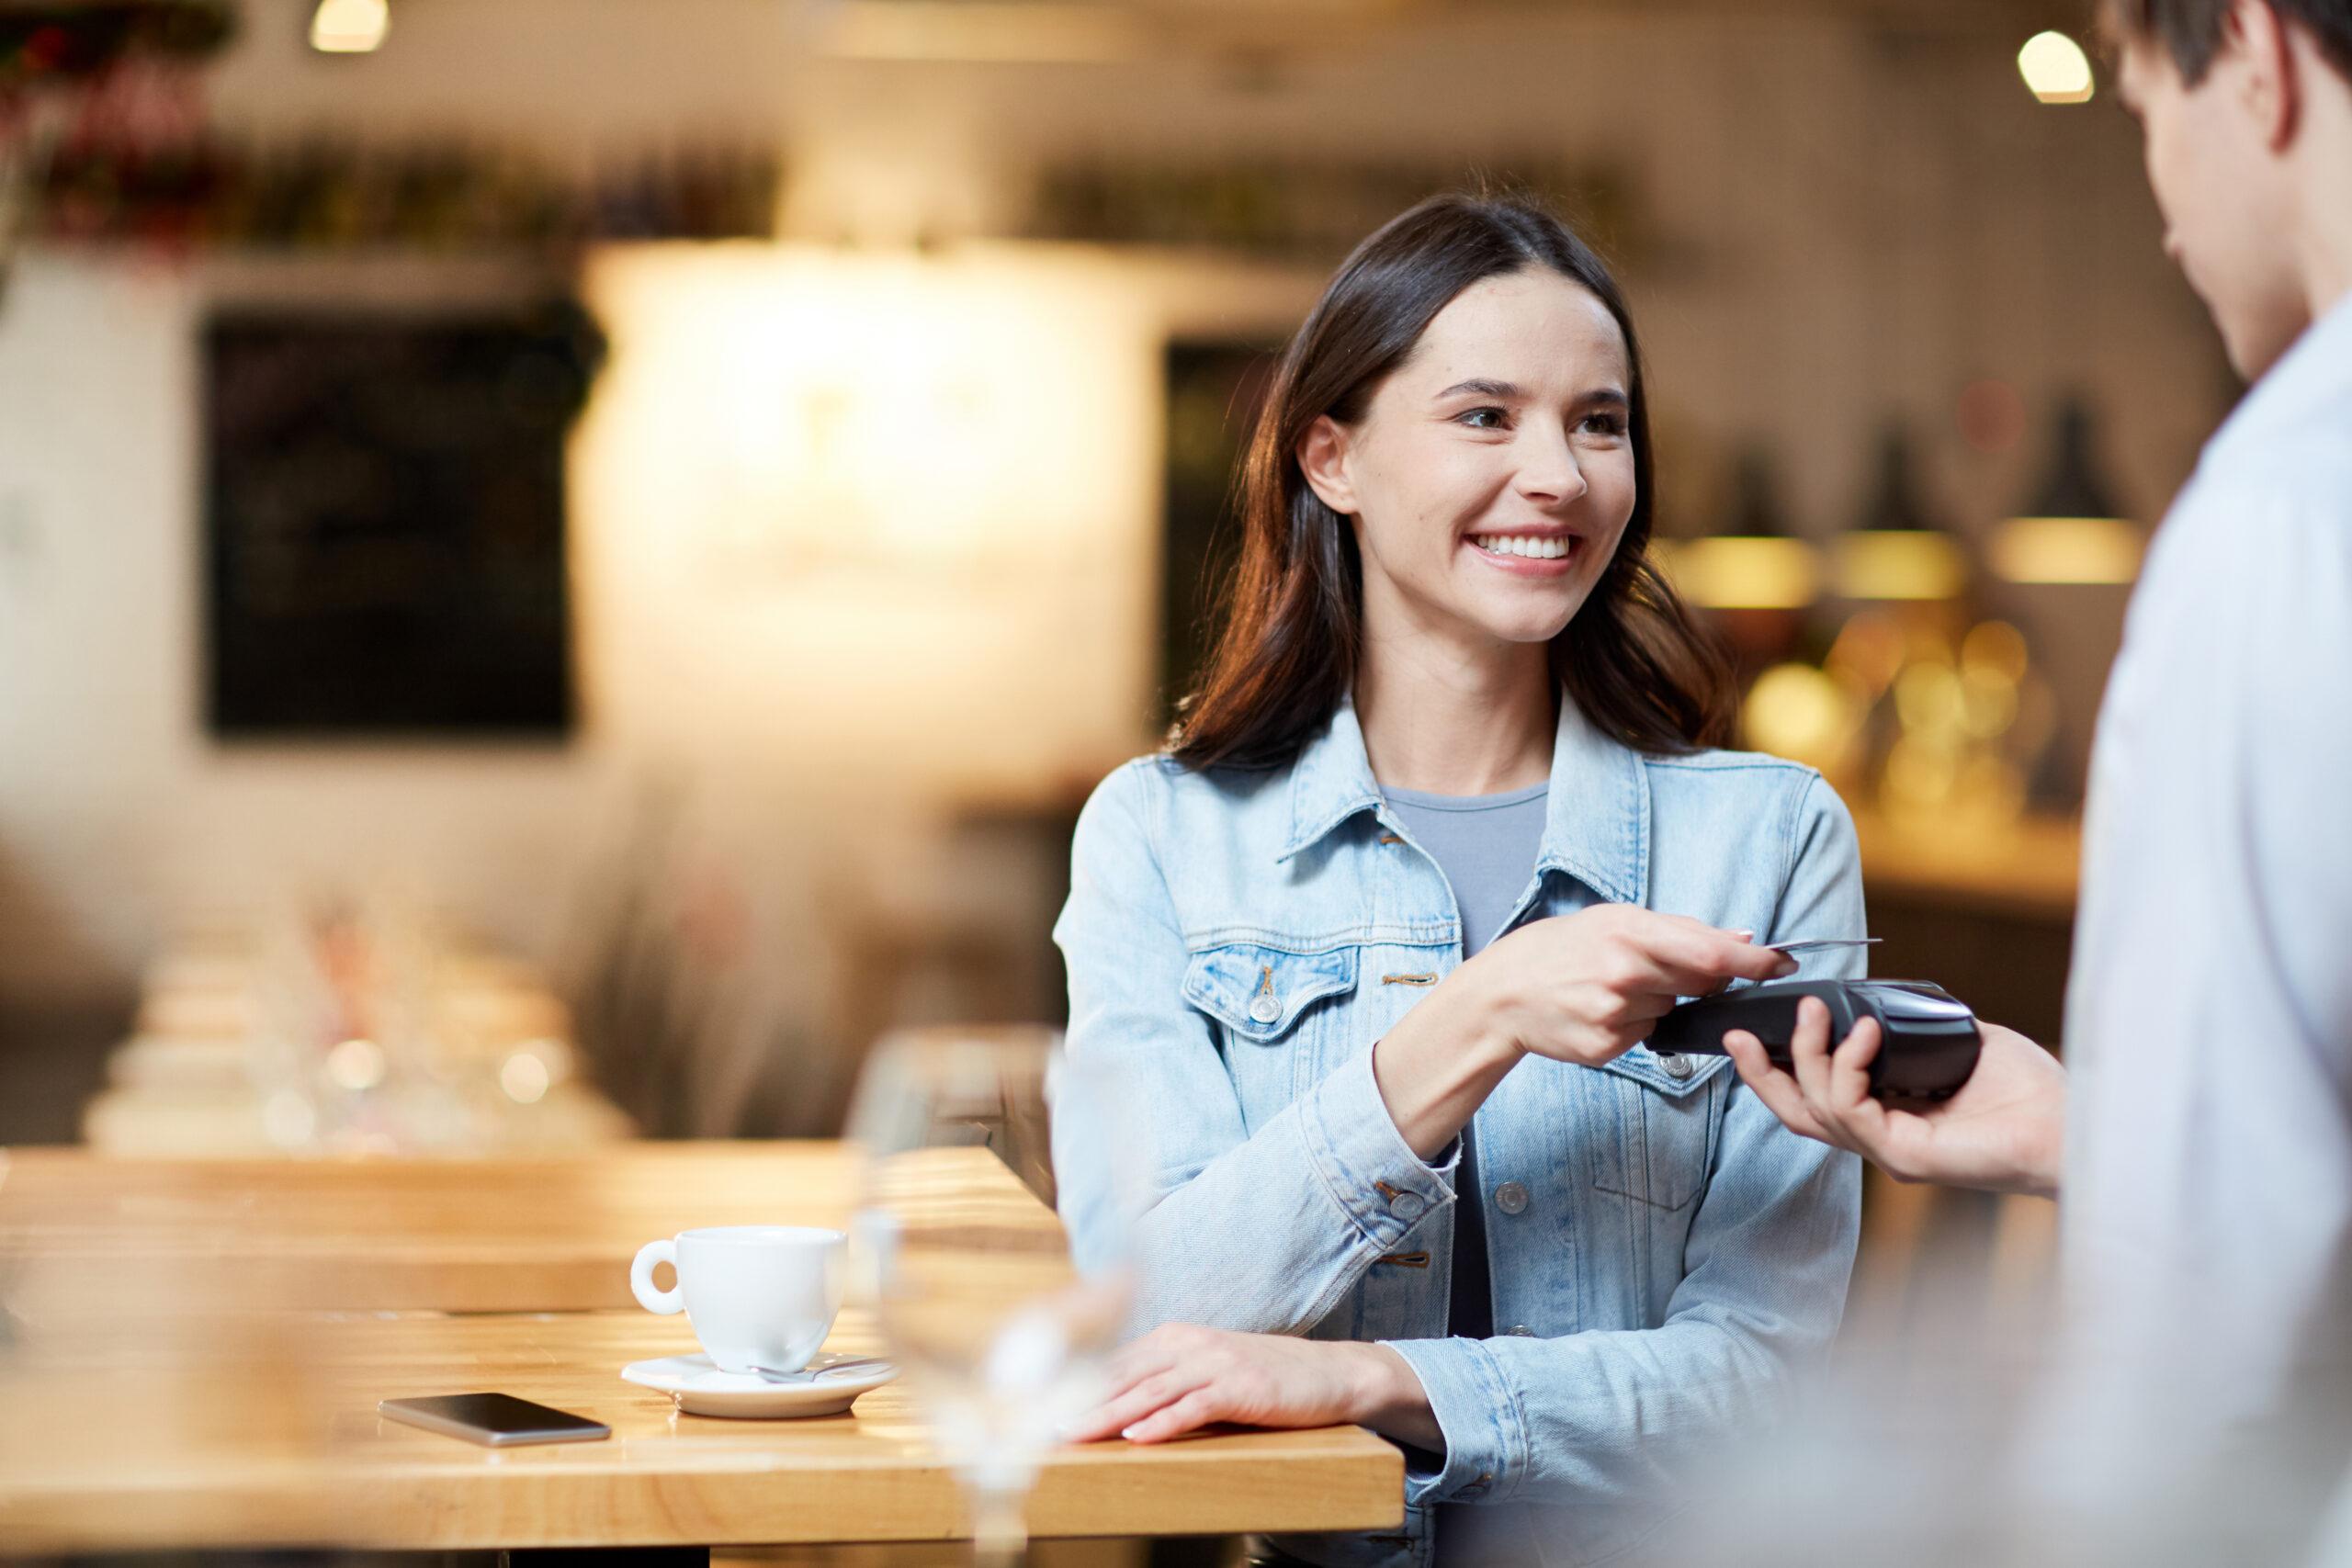 Das Kundenerlebnis und die Customer Experience ausbauen. Kundenerwartungen übertreffen. Kundenservice schulen. Kundenbedürfnisse mit Technologien erkennen. Kundenwünsche durch Kundenbefragungen ausfindig machen.